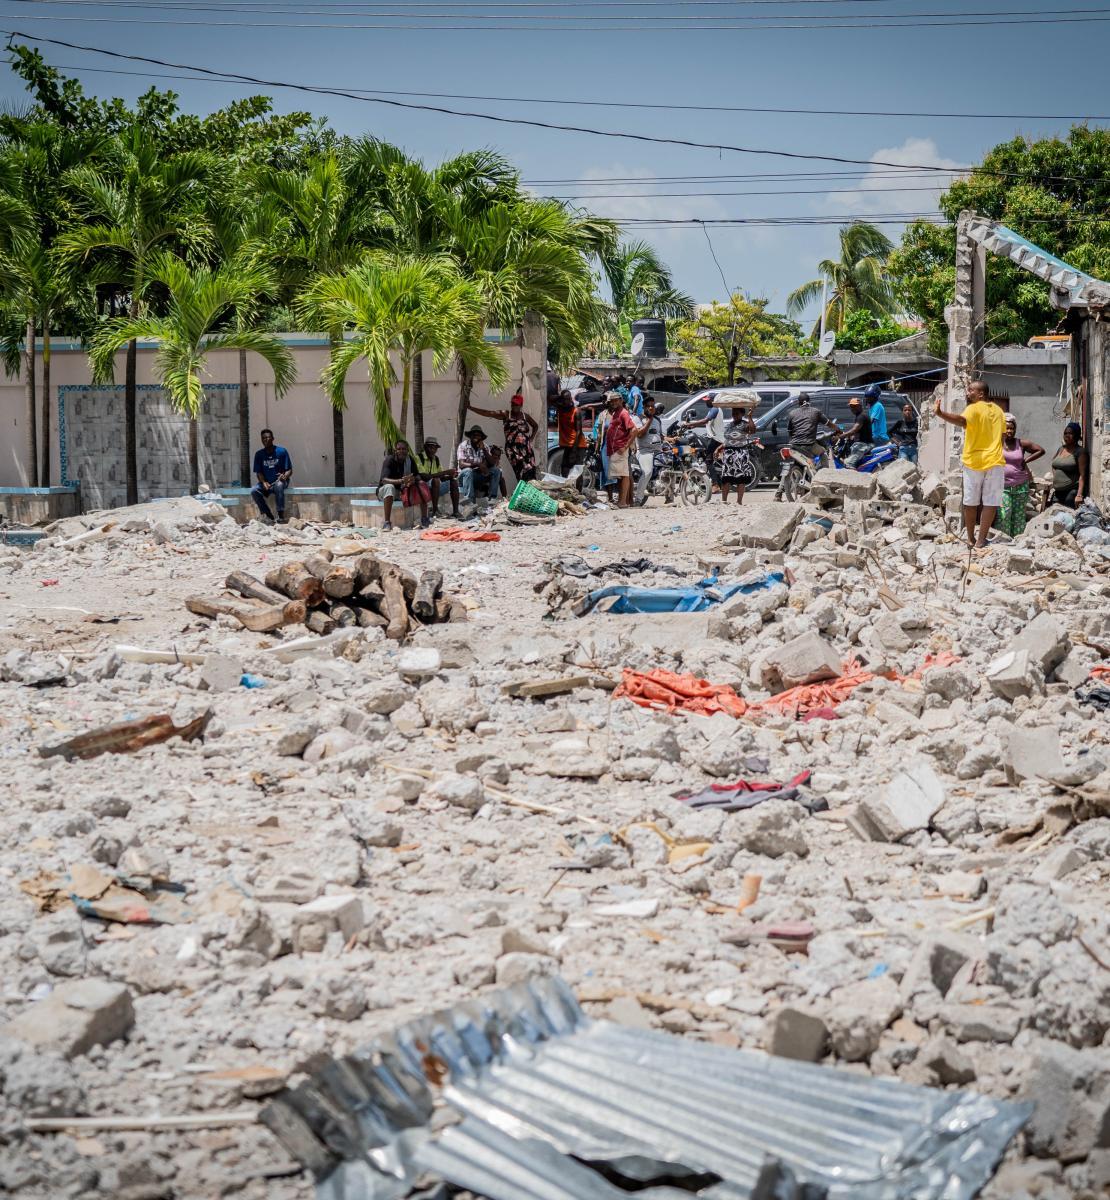 Décombres de l'ancien hôtel Le Manguier aux Cayes, en Haïti.